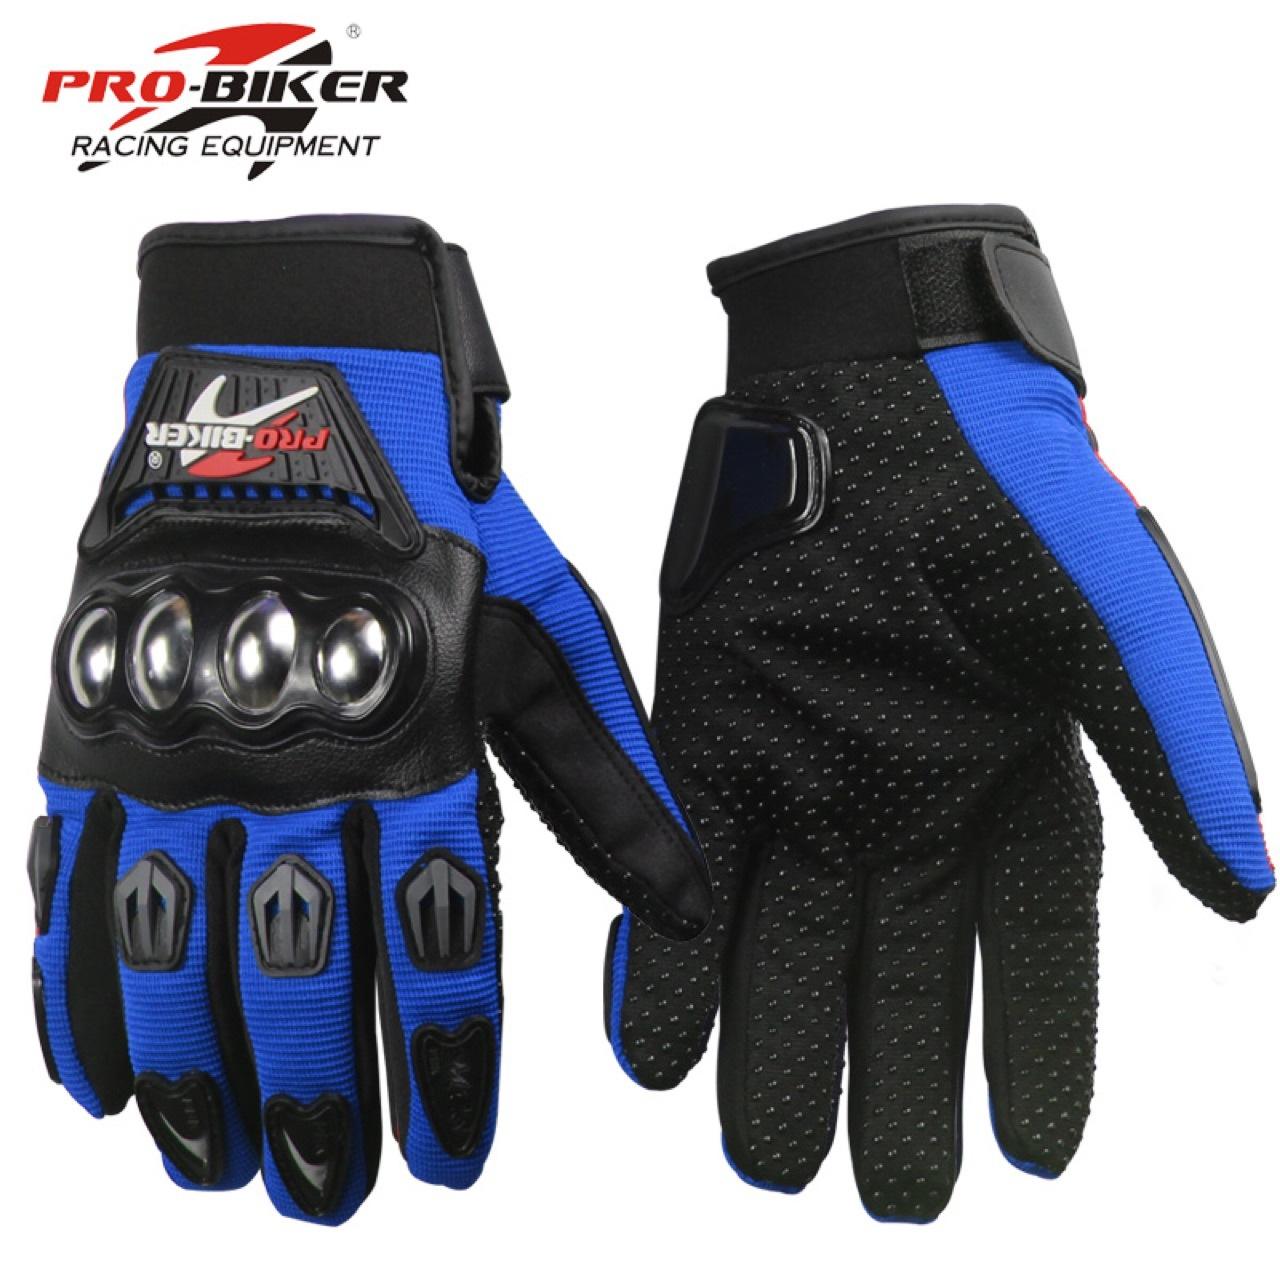 Găng tay inox ProBiker